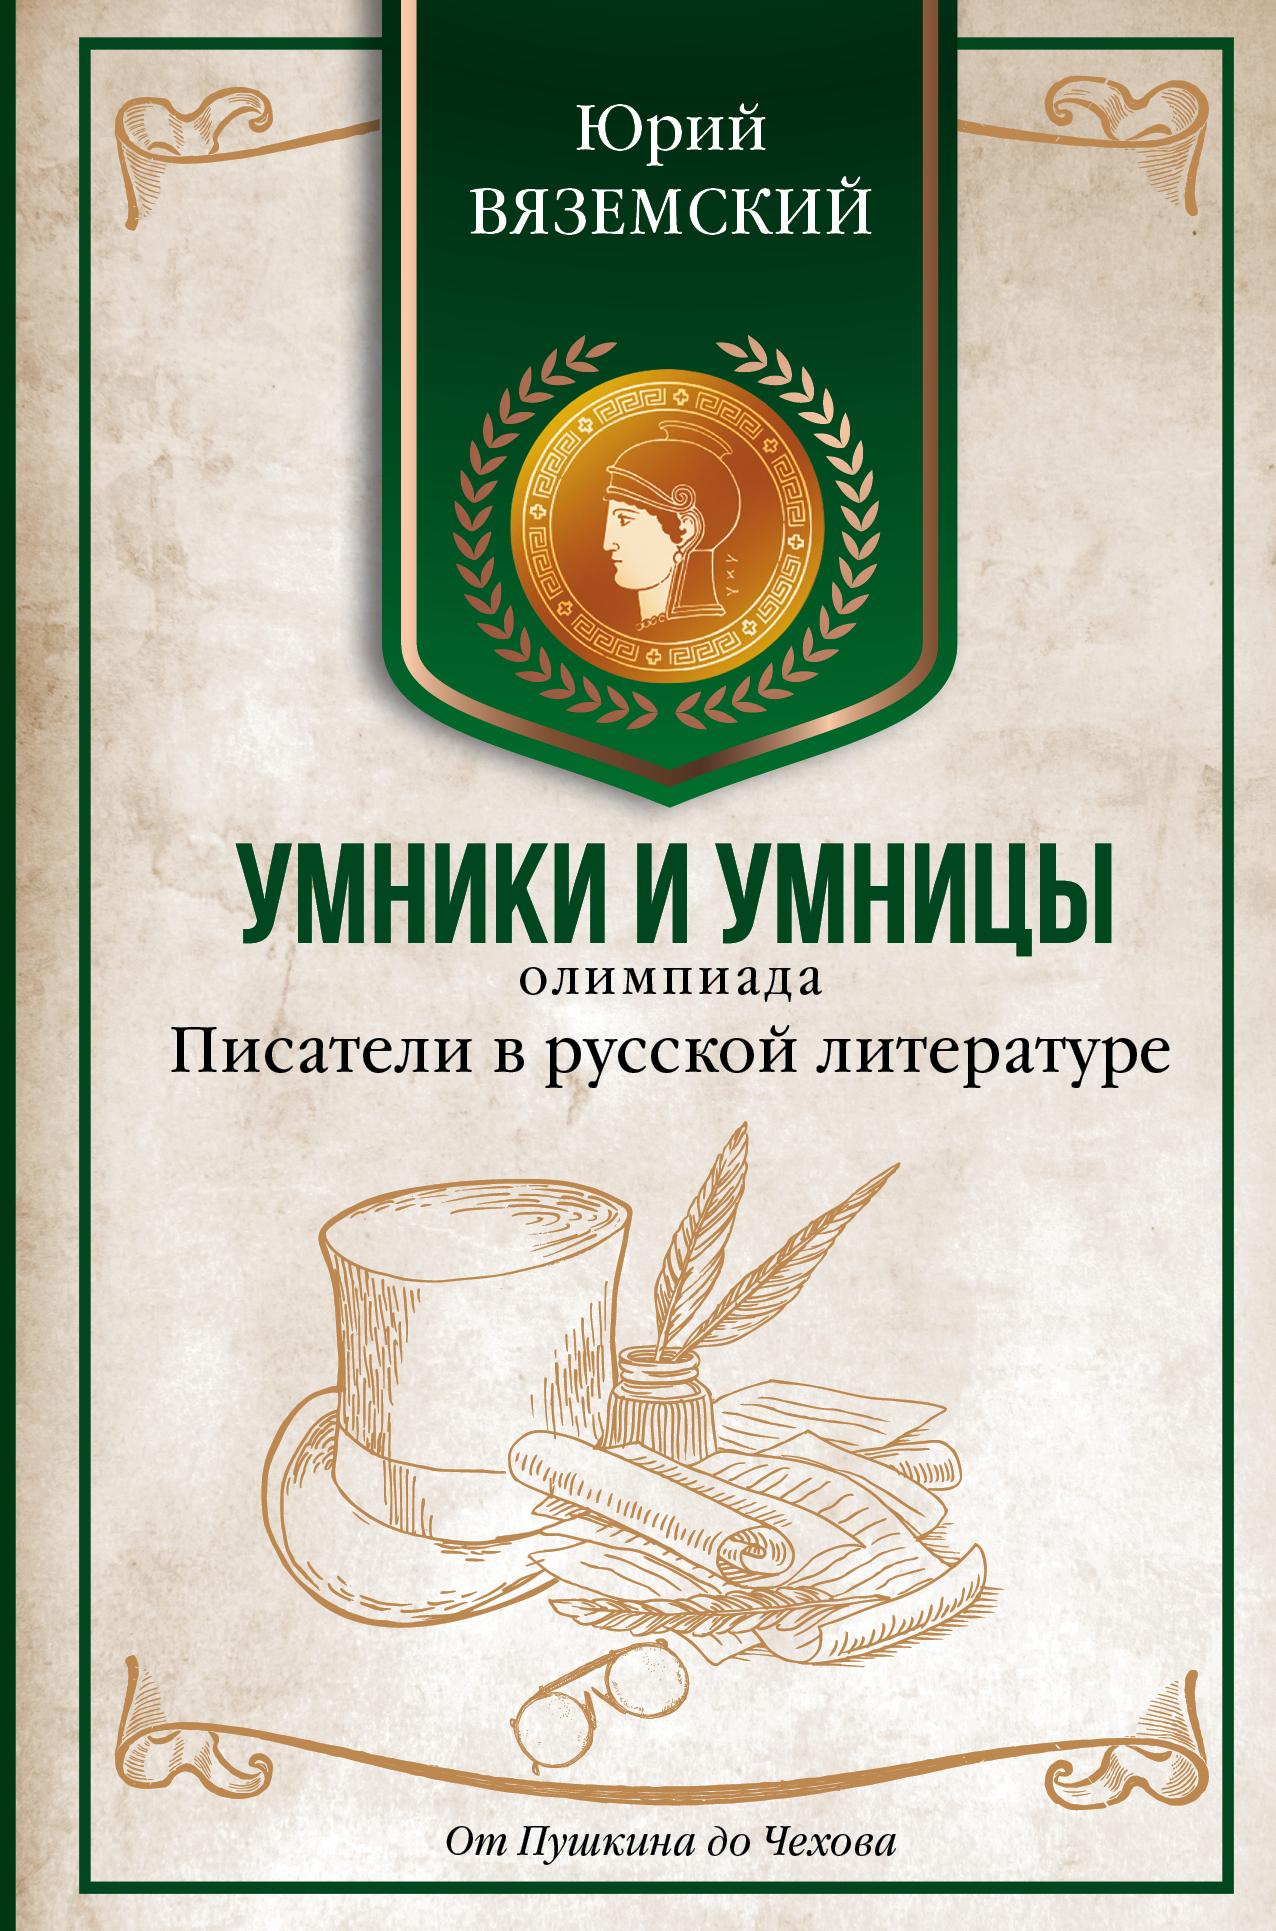 Писатели в русской литературе. От Пушкина до Чехова ( Вяземский Ю.П.  )